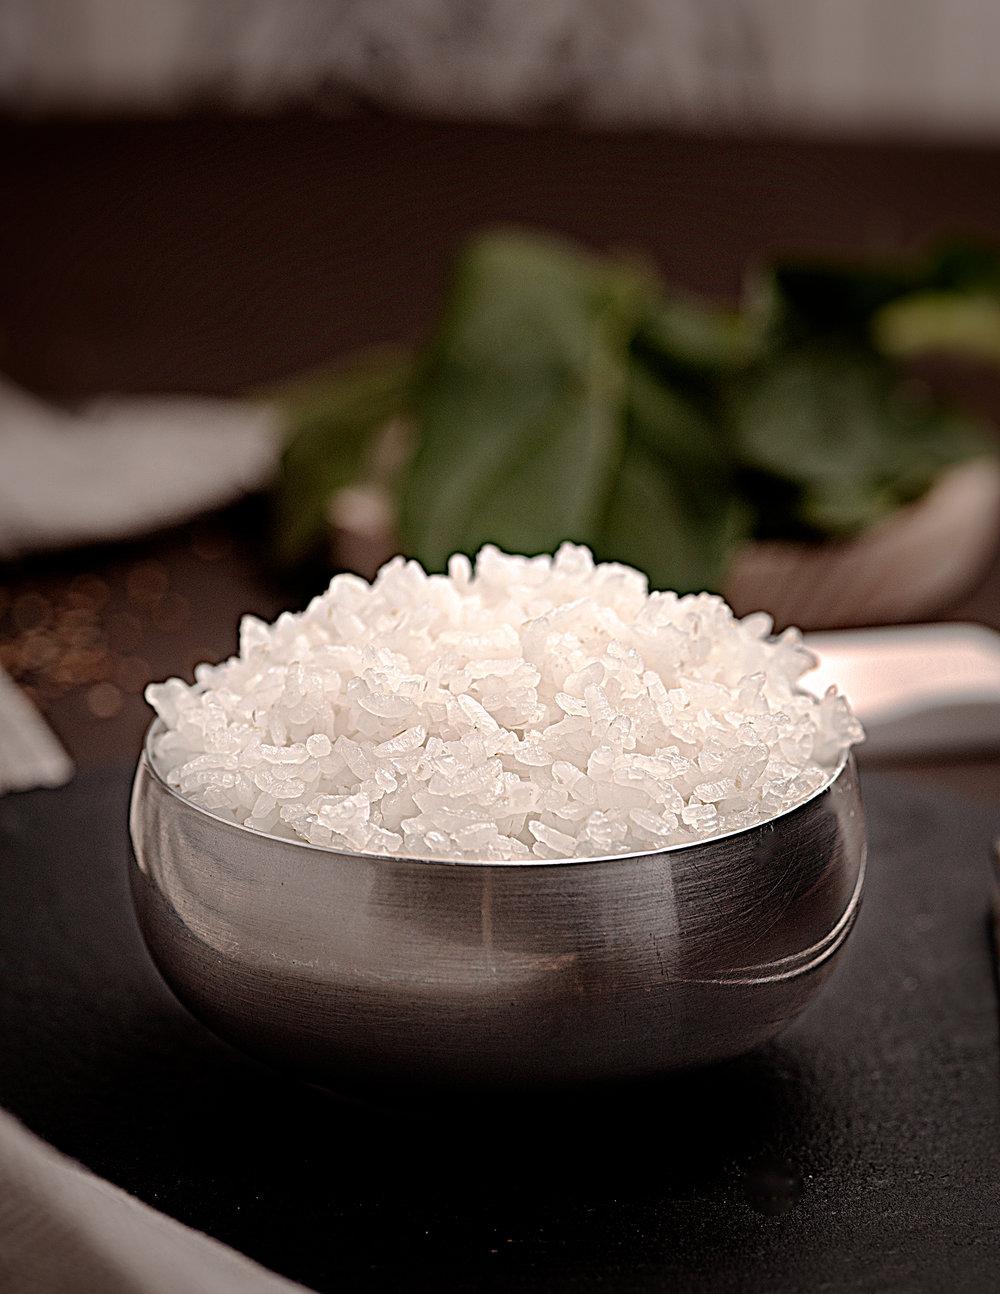 Arroz Blanco - Arroz blanco servido en el cuenco típico coreano de acero inoxidable.Arroz redondo extra en su punto perfecto para acompañar a los platos principales.2.00€